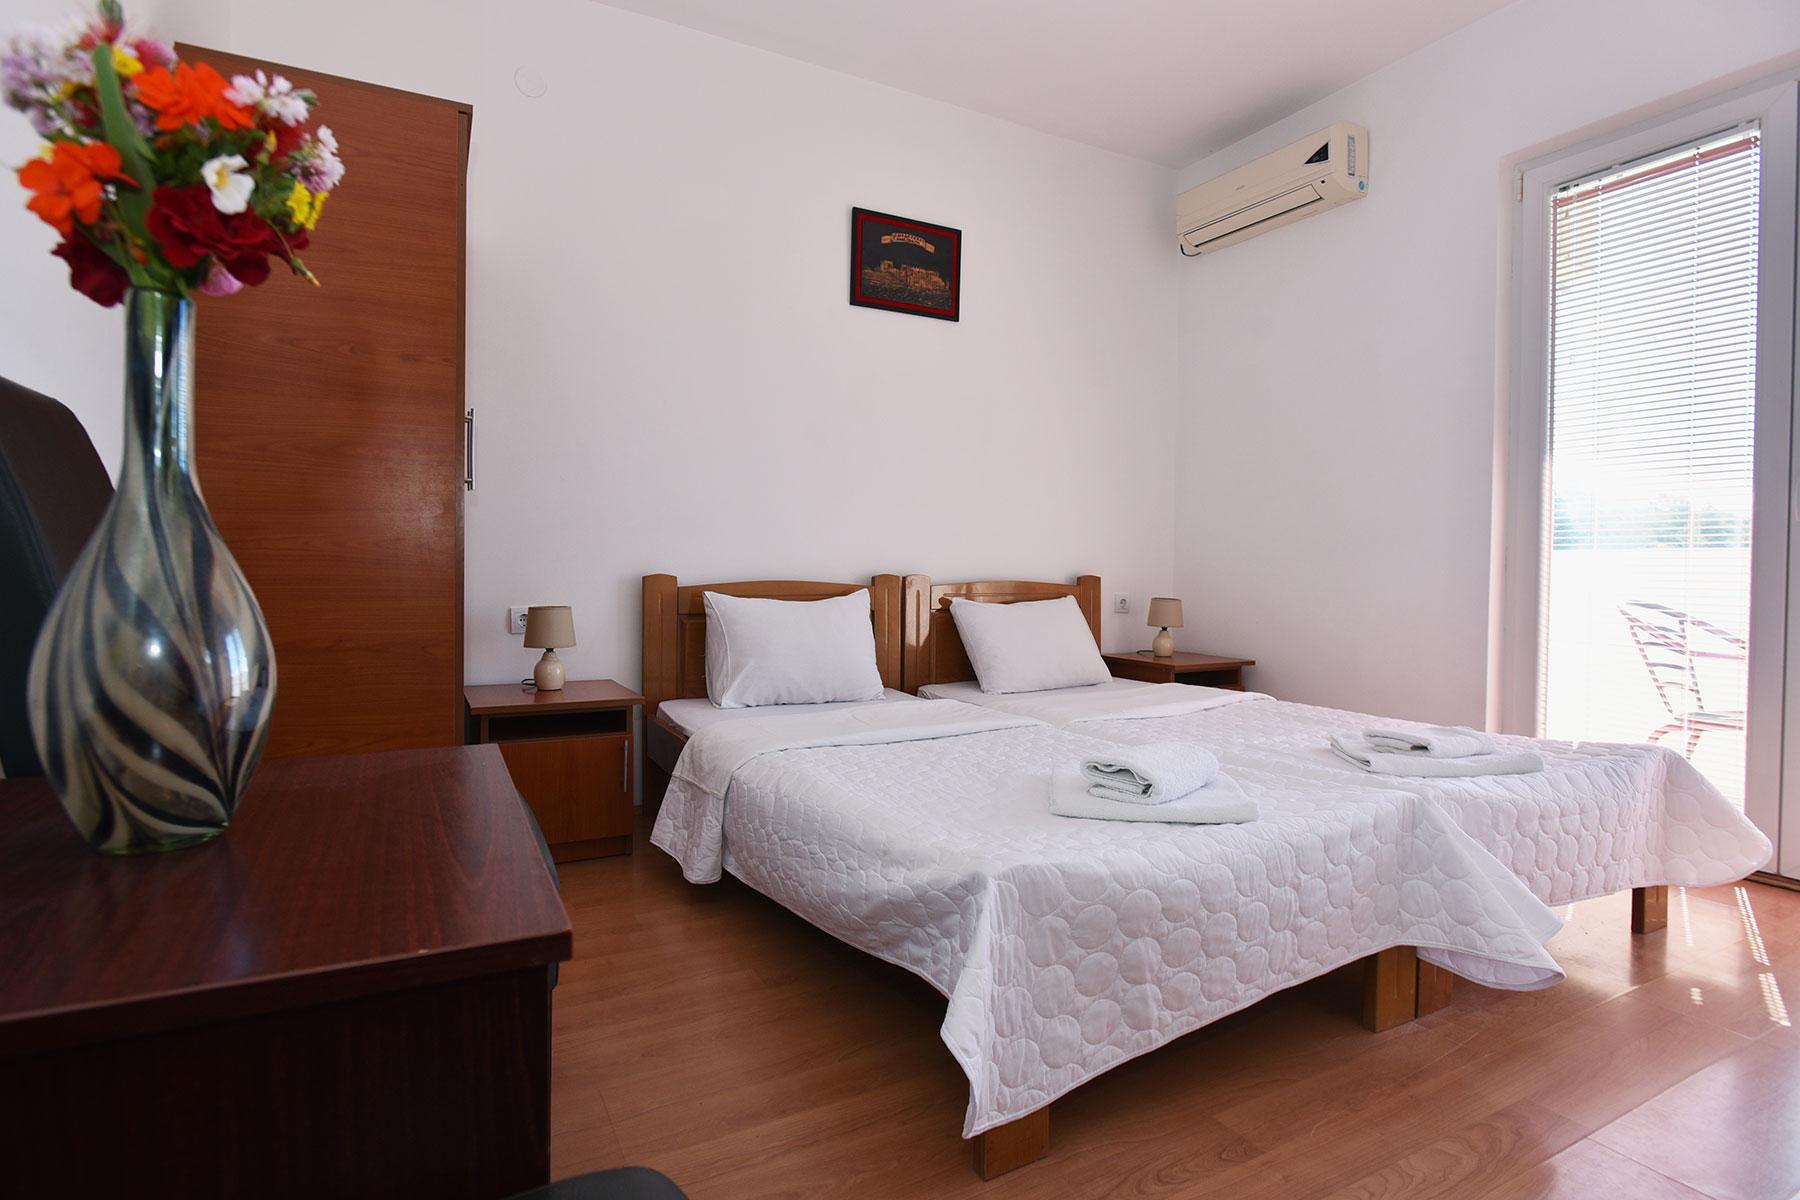 hotel-kapri-sobe-8